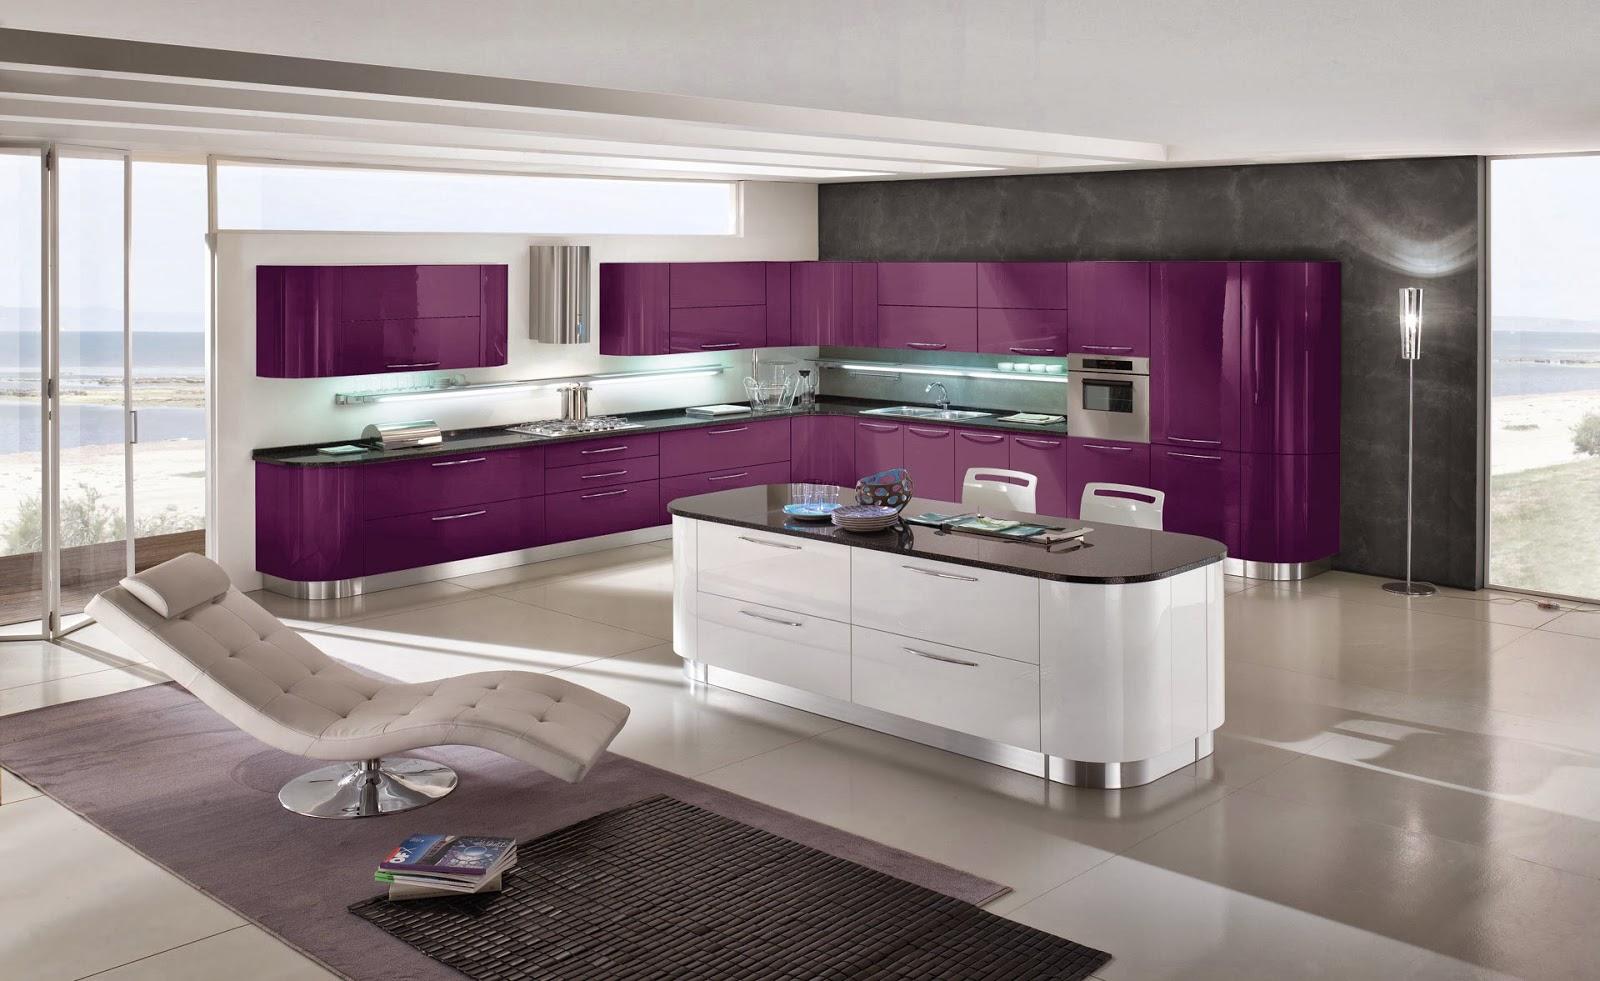 Cocinas descaradamente abiertas cocinas con estilo for Isletas para cocinas